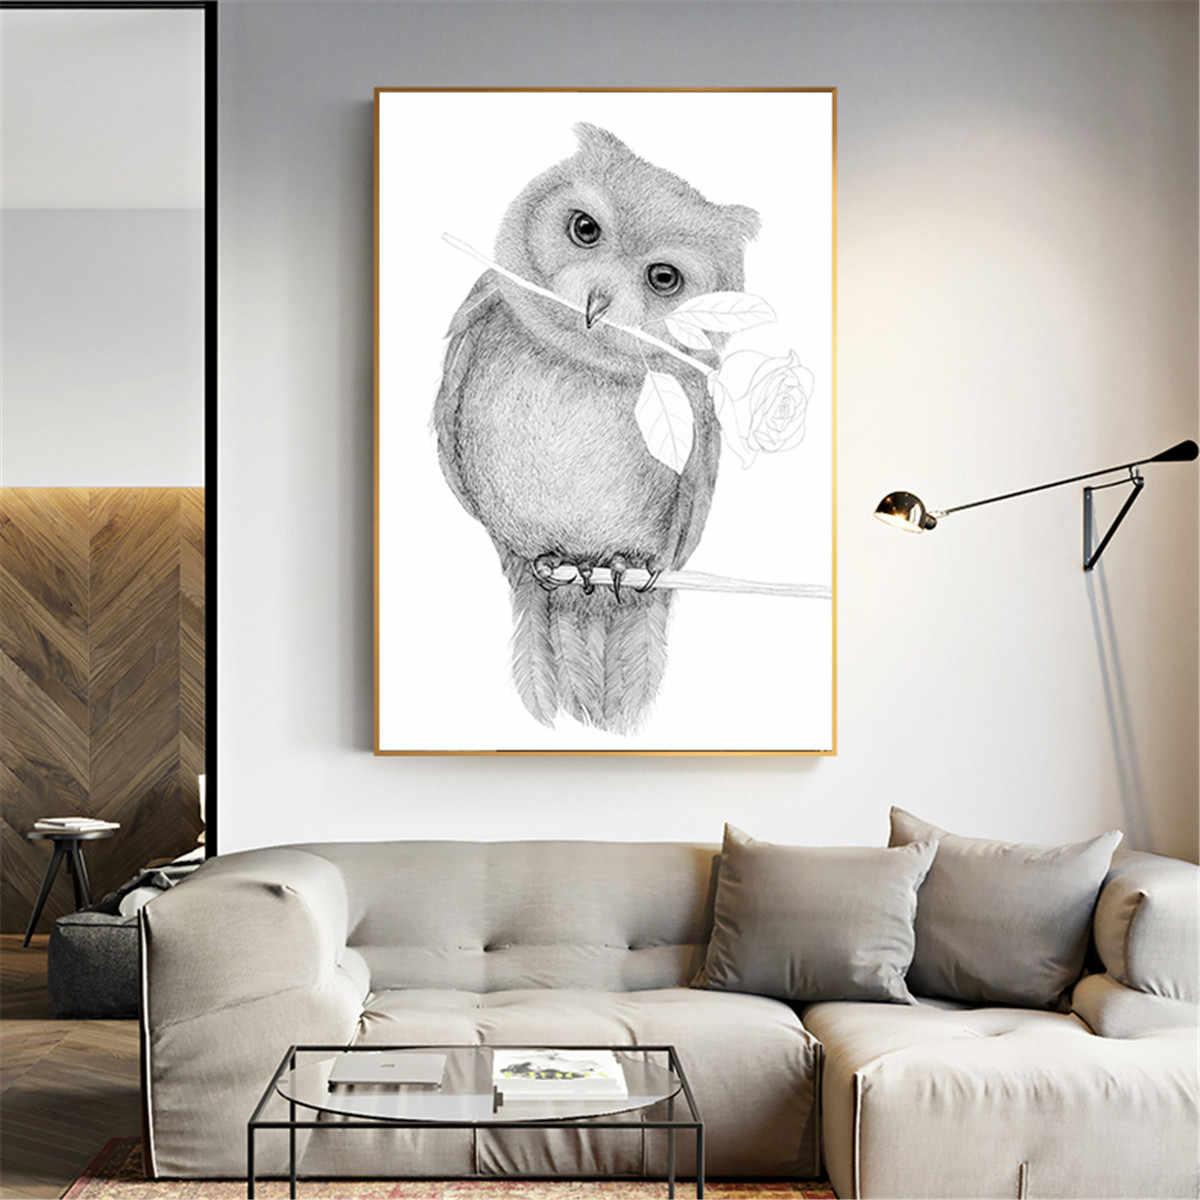 Modern Kanvas Lukisan Gambar Sketsa Burung Hantu Rose Poster